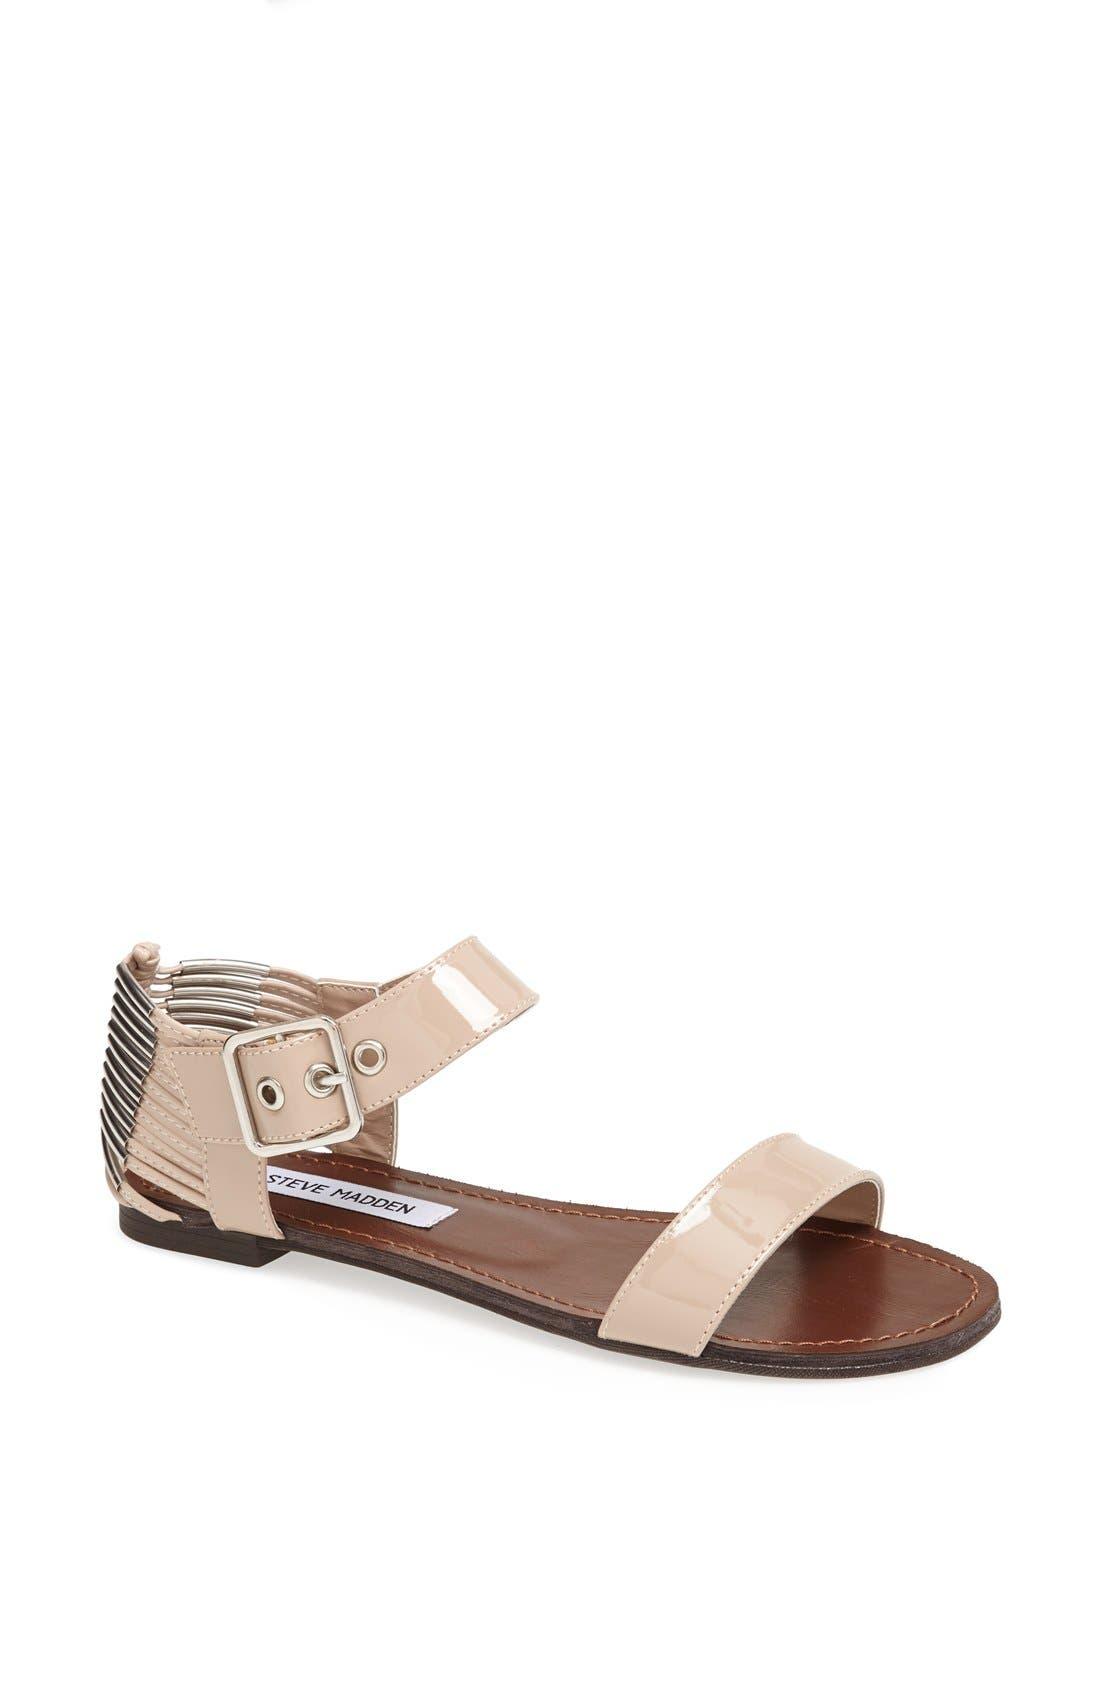 Alternate Image 1 Selected - Steve Madden 'Sincere' Sandal